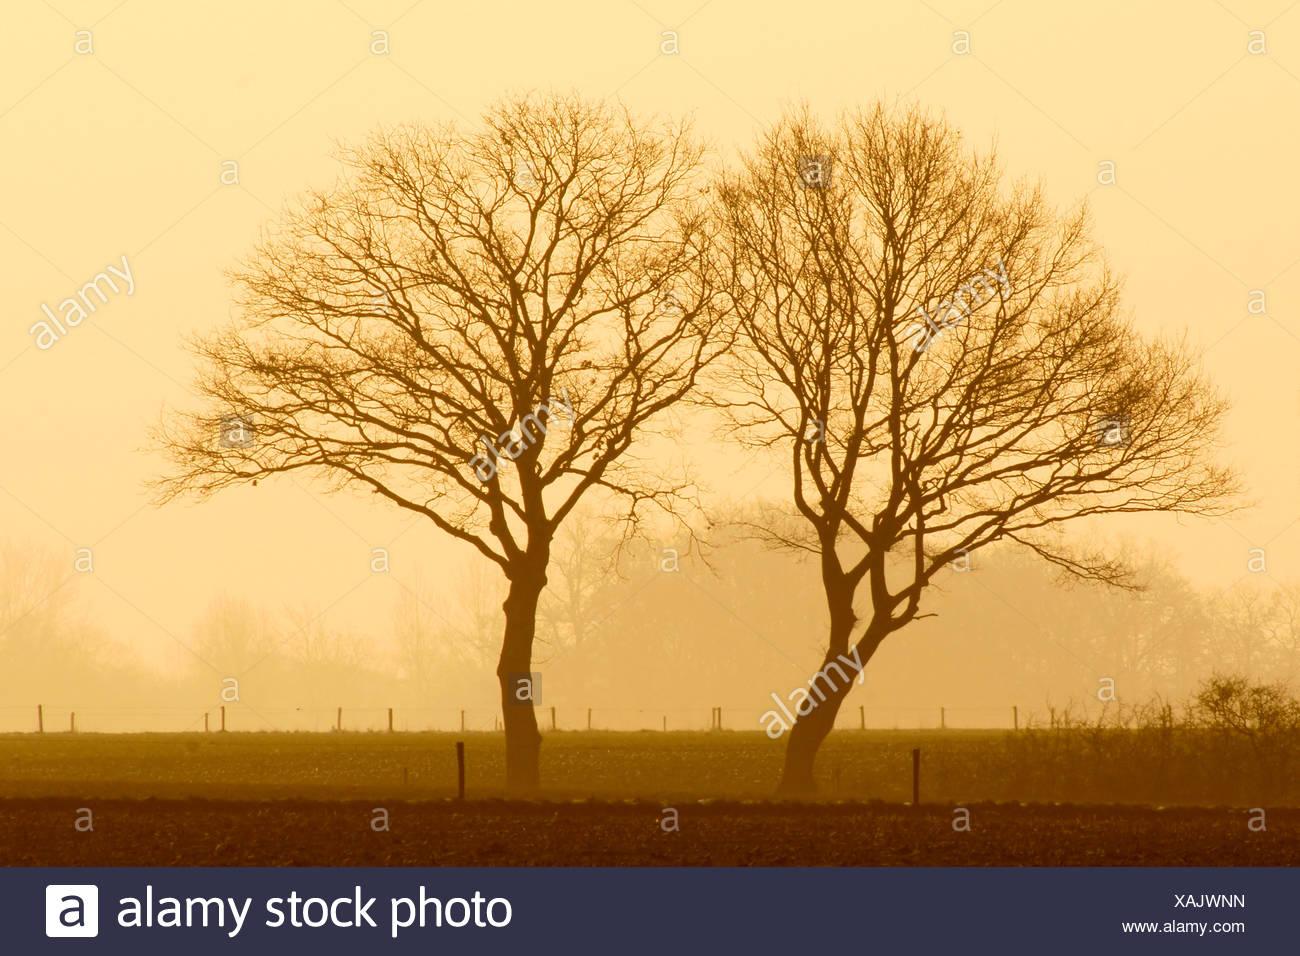 Twee bomen bij avondlicht aan de rand van een akker. - Stock Image